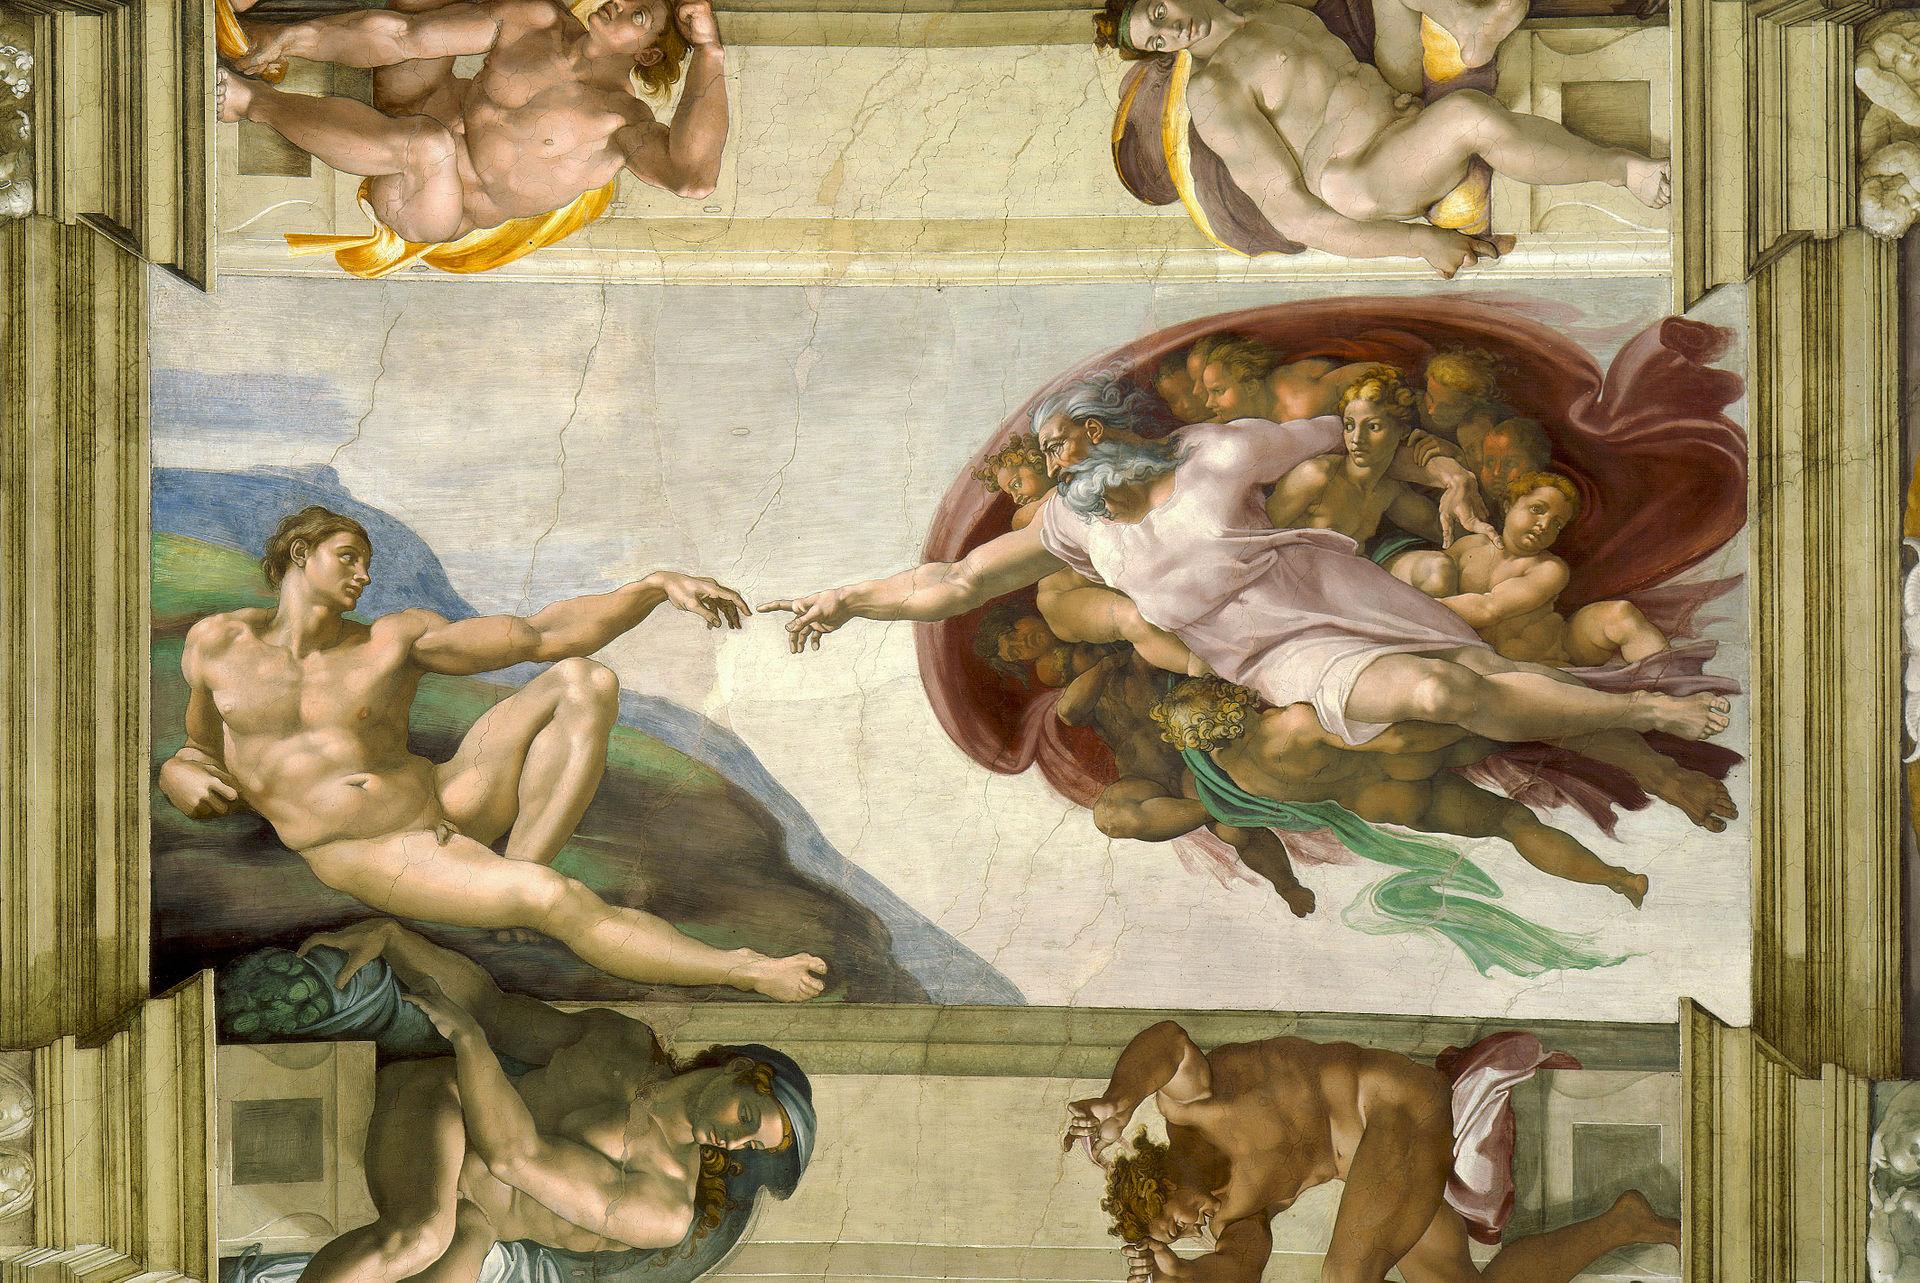 Stworzenie Adama Michała Anioła, ok. 1511, fresk, 570 m x 280 cm, Kaplica Sykstyńska